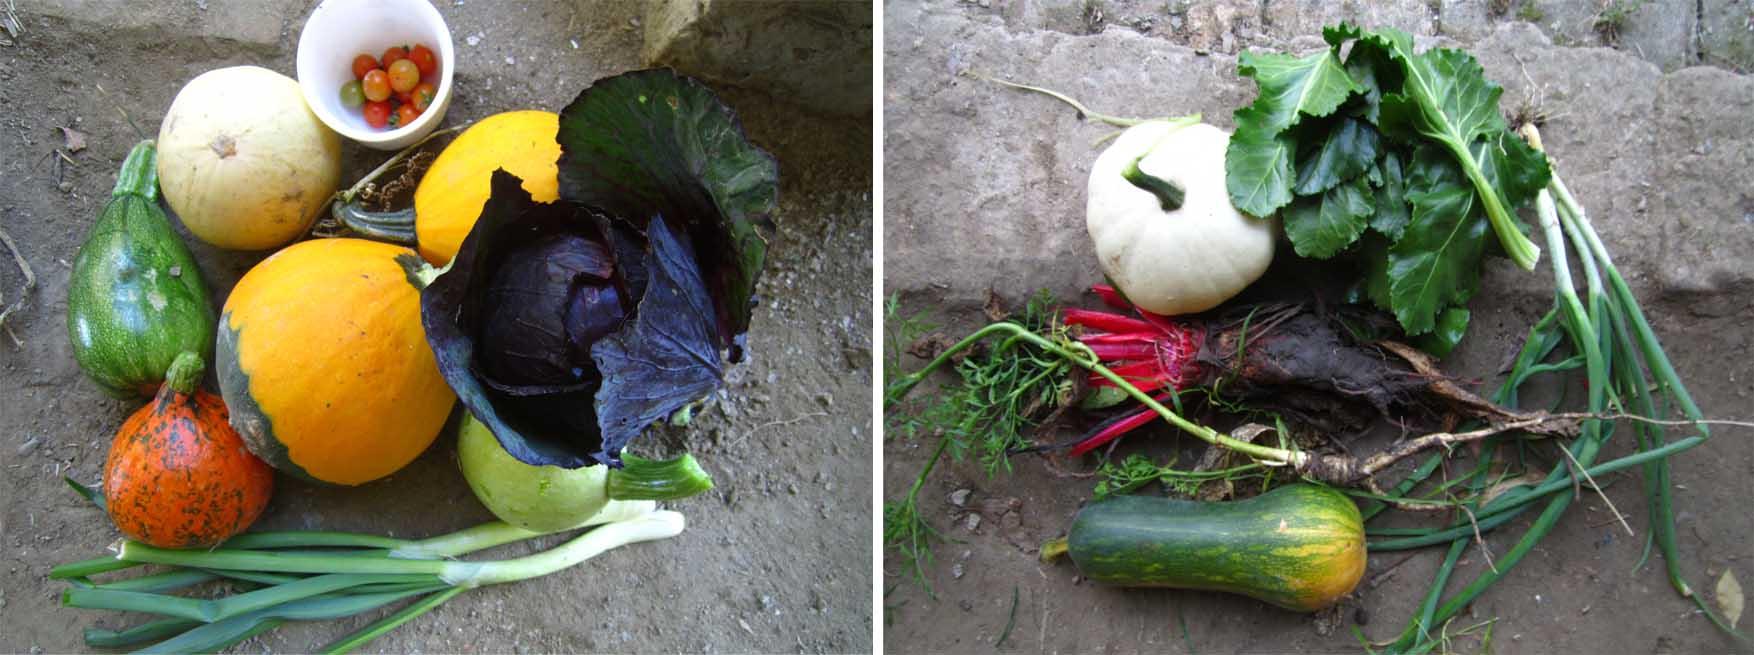 15 mosorin 19 oktobar plodovi oktobra